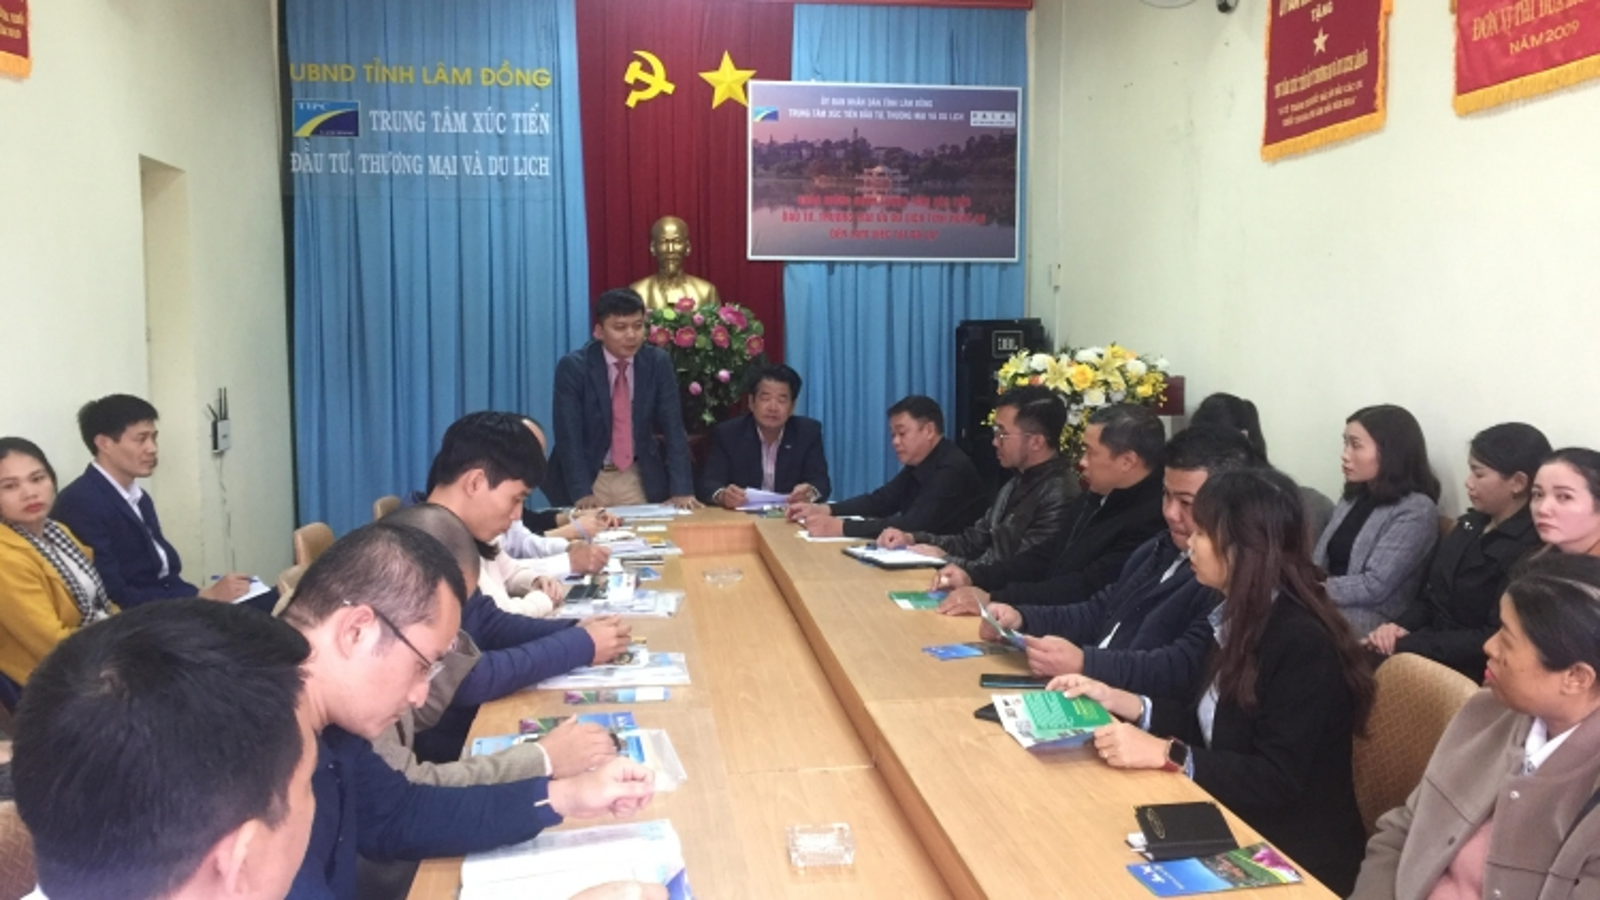 Lâm Đồng và Nghệ An đề xuất cùng hợp tác xúc tiến, quảng bá du lịch